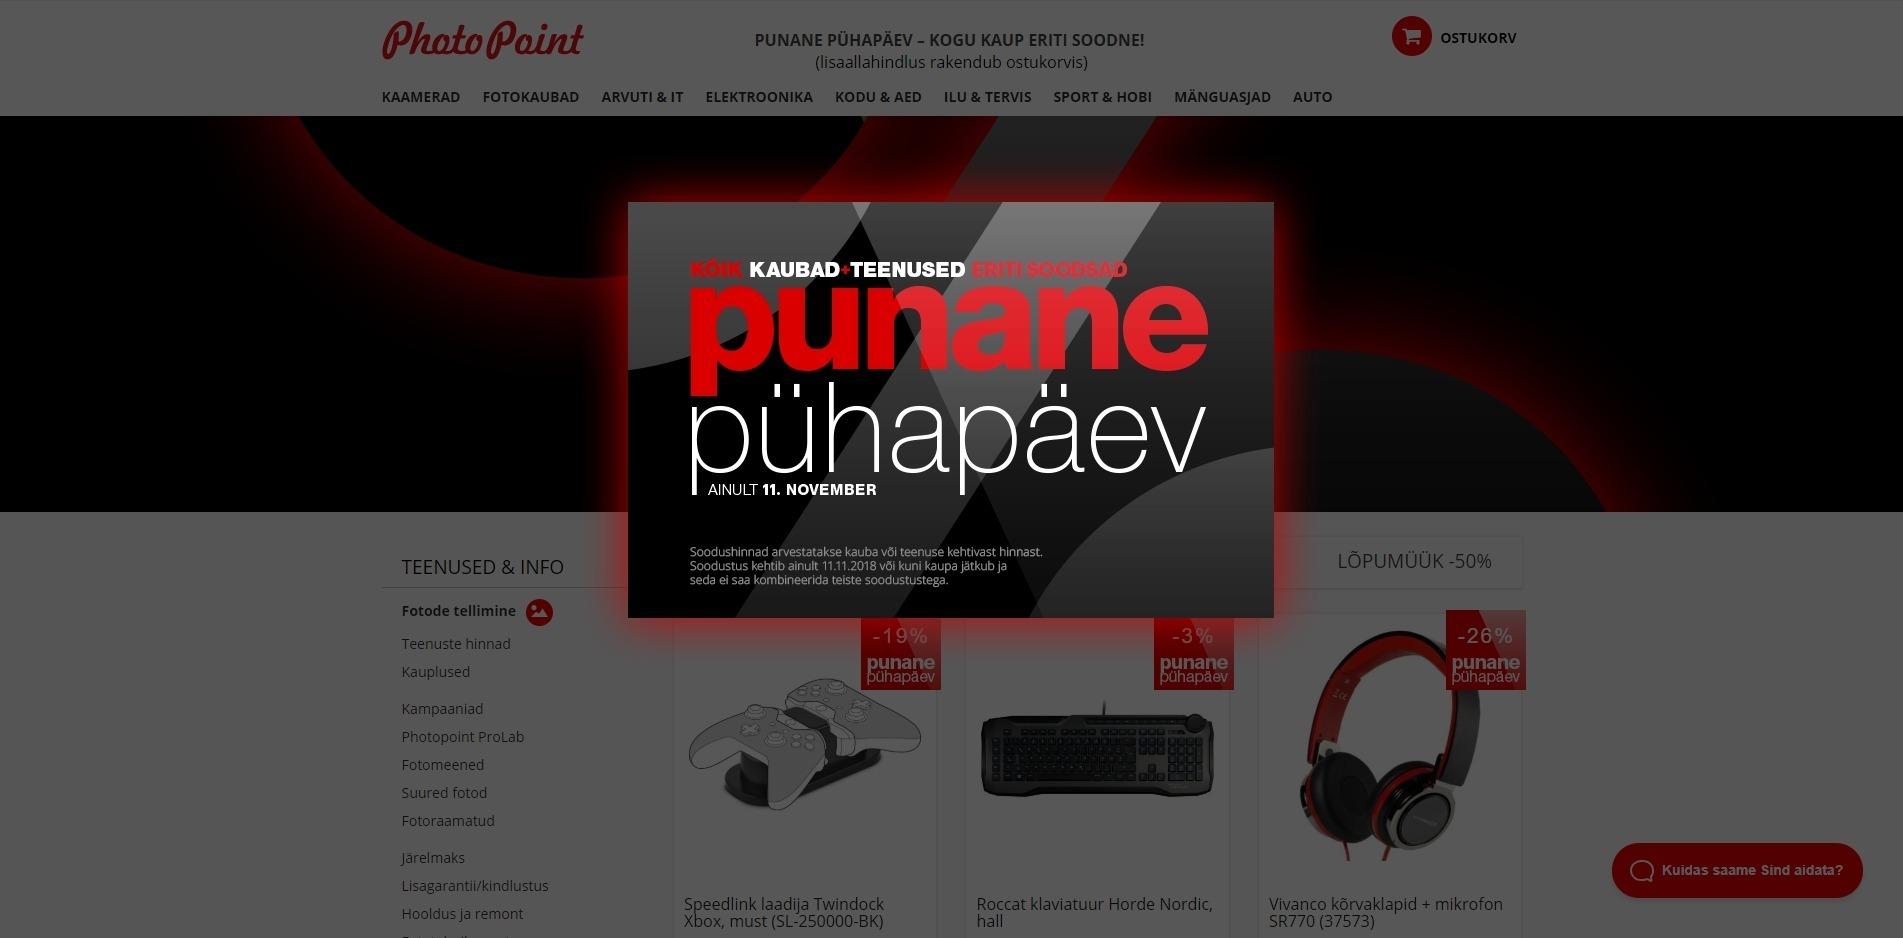 """571a5fa6310 Photopointi aasta suurima soodusmüügi """"Punane Pühapäev"""" ajal on 11.  novebril ka photopoint.ee veebikaubamajas kõik tooted nii soodus- kui  tavahindadest ..."""